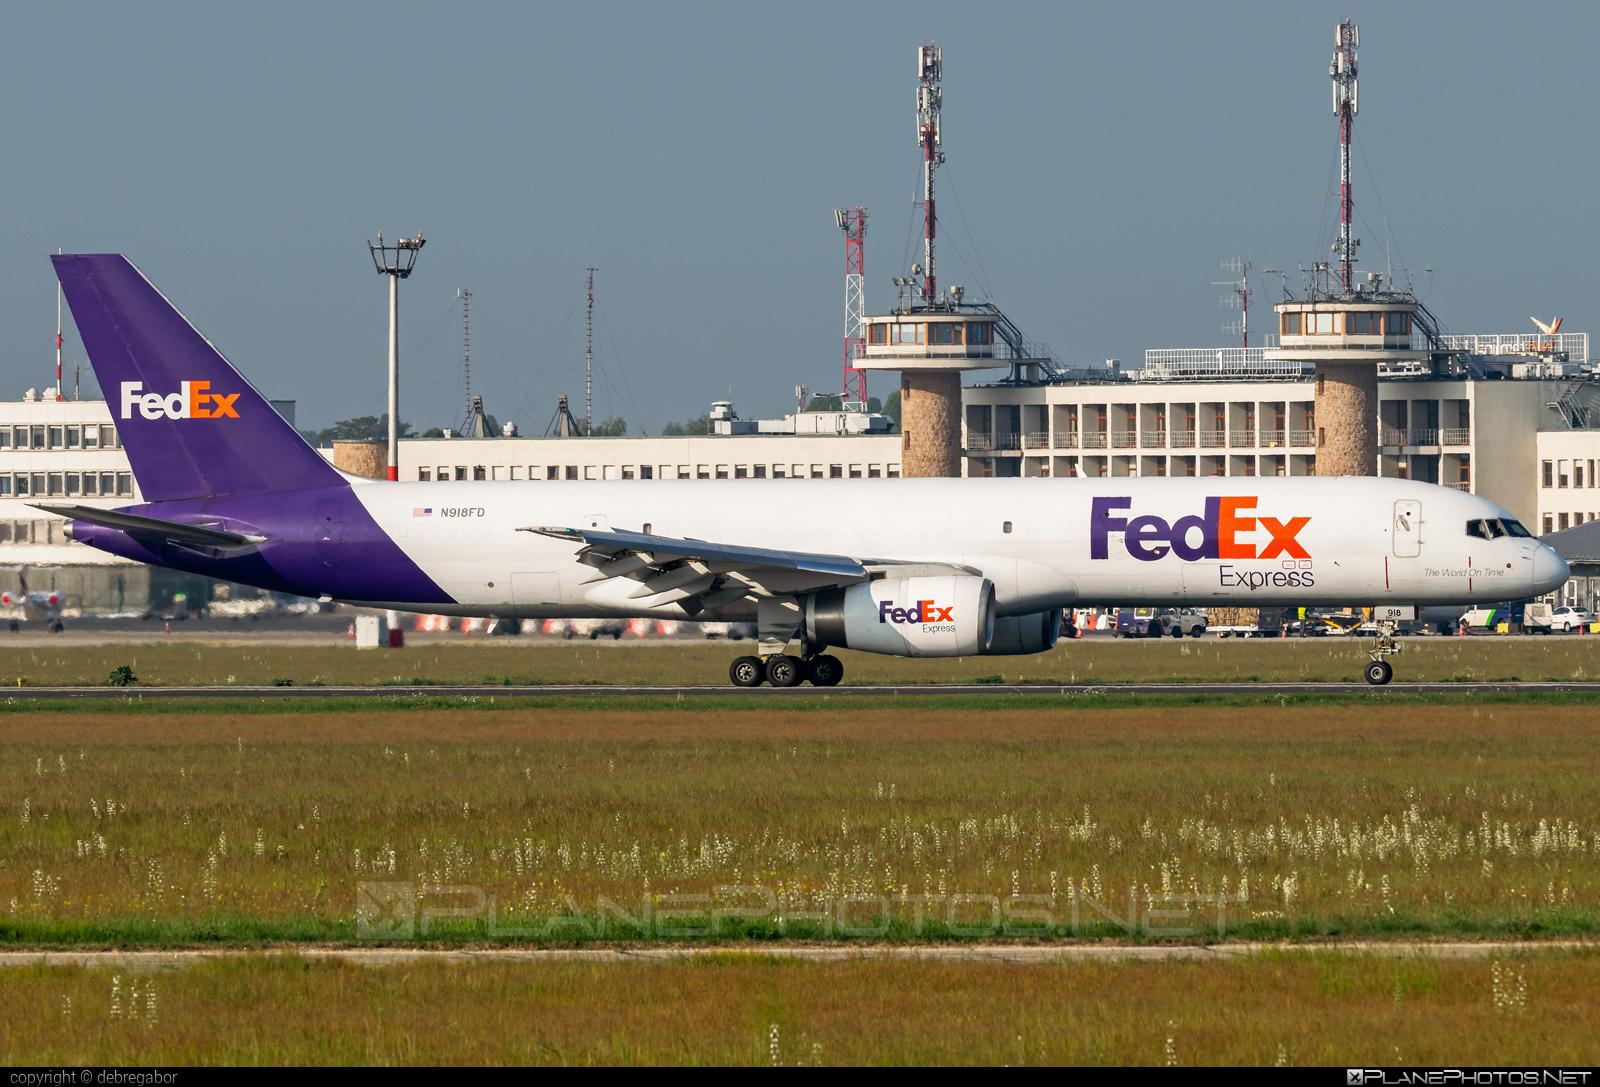 Boeing 757-200SF - N918FD operated by FedEx Express #b757 #boeing #boeing757 #fedex #fedexairlines #fedexexpress